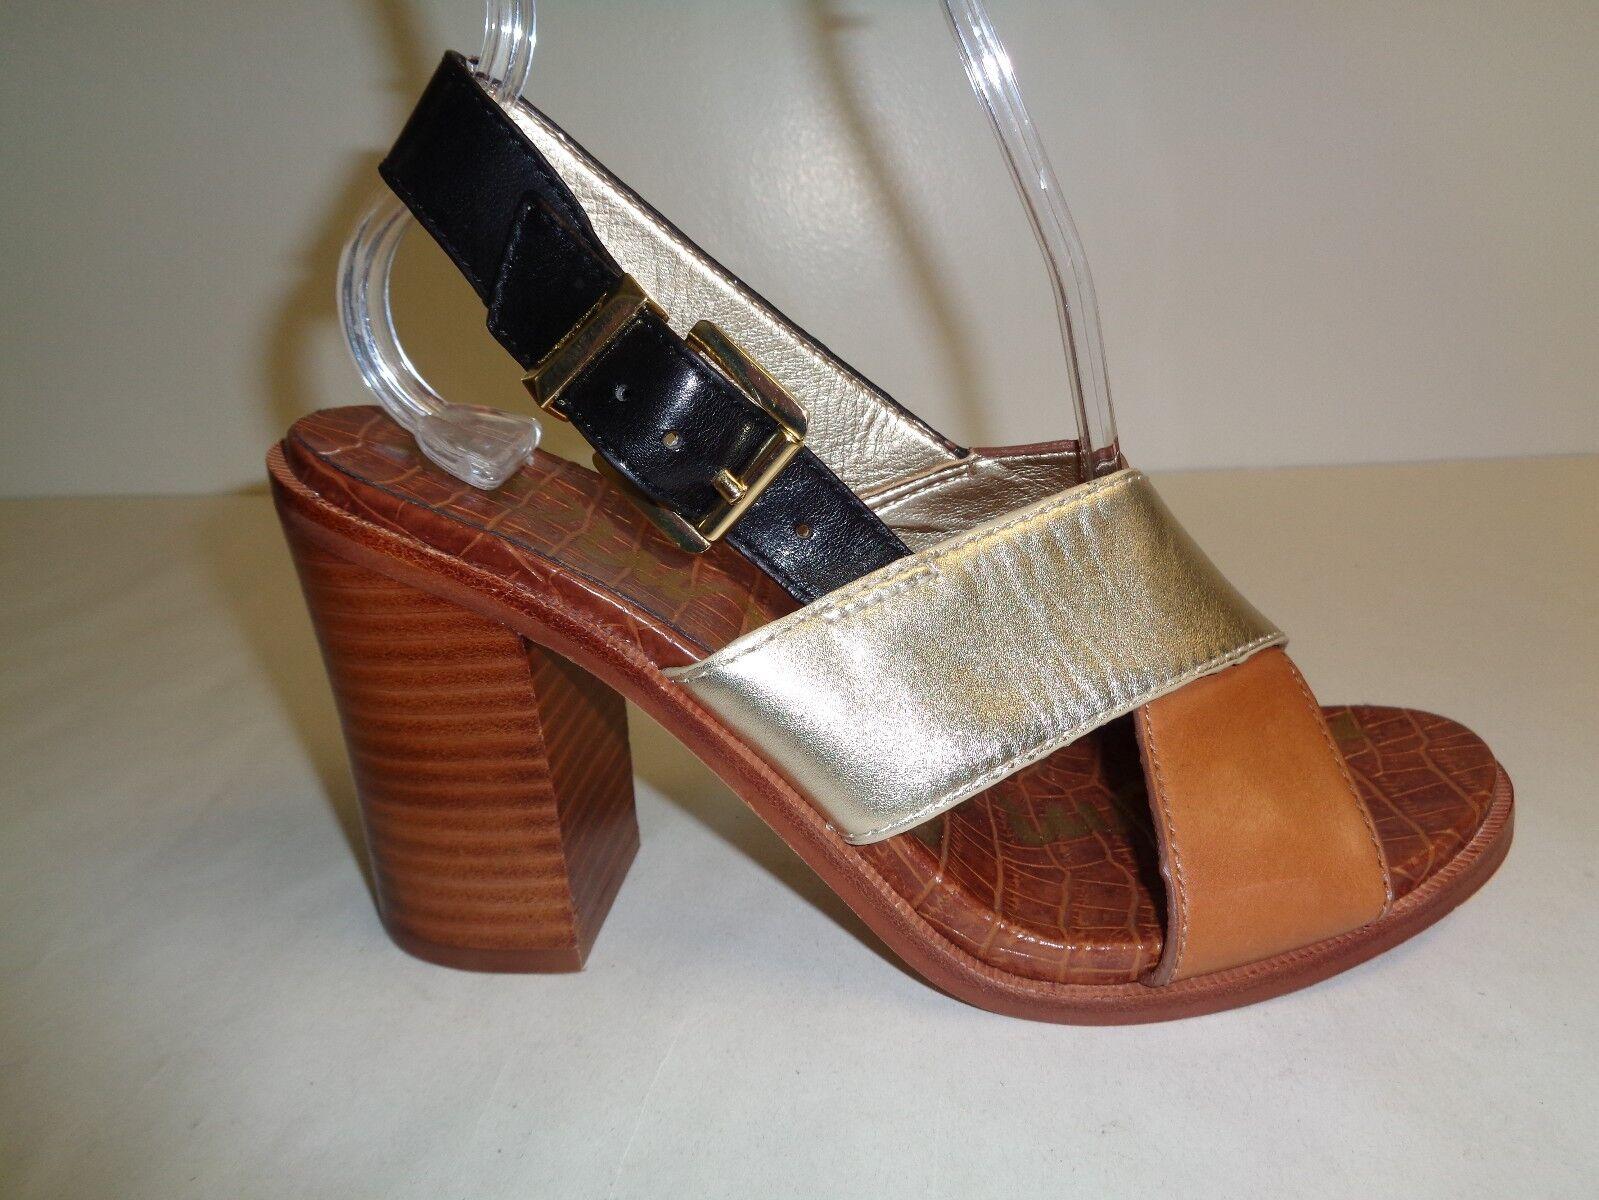 Sam Edelman Größe 8 M IVY Braun Leder Strappy Heels Sandales NEU Damenschuhe Schuhes